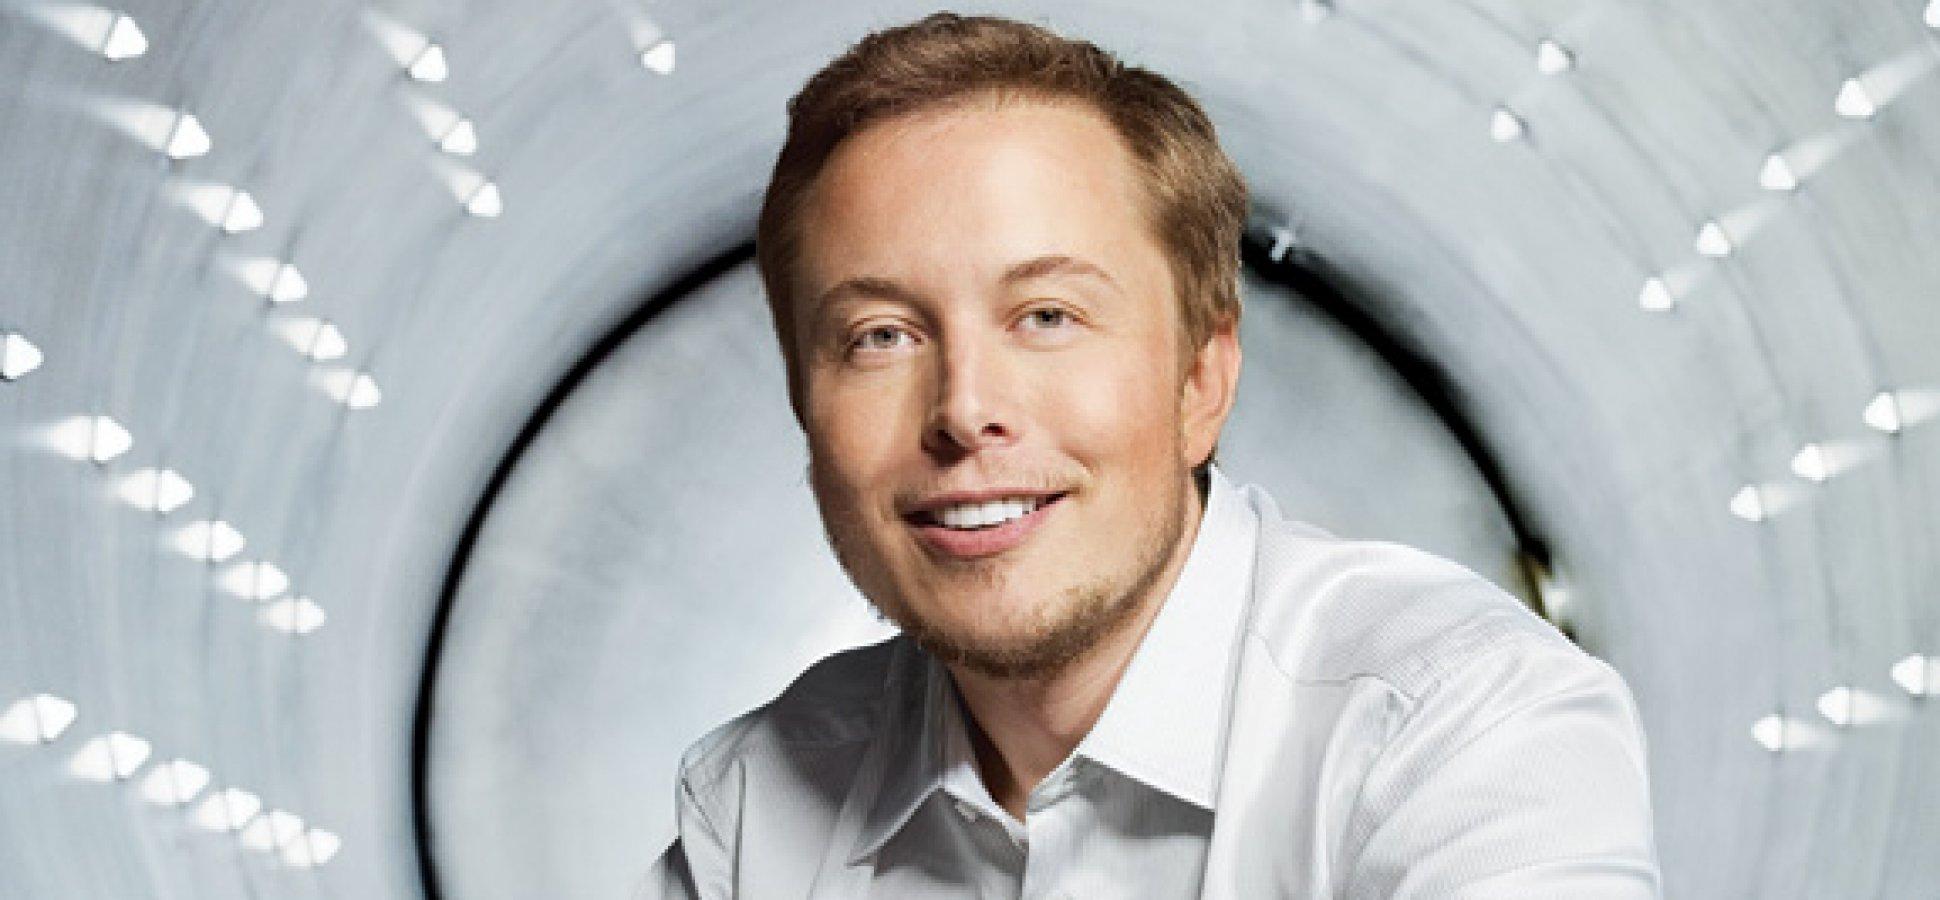 18 проектов в которые инвестировал Илон Маск